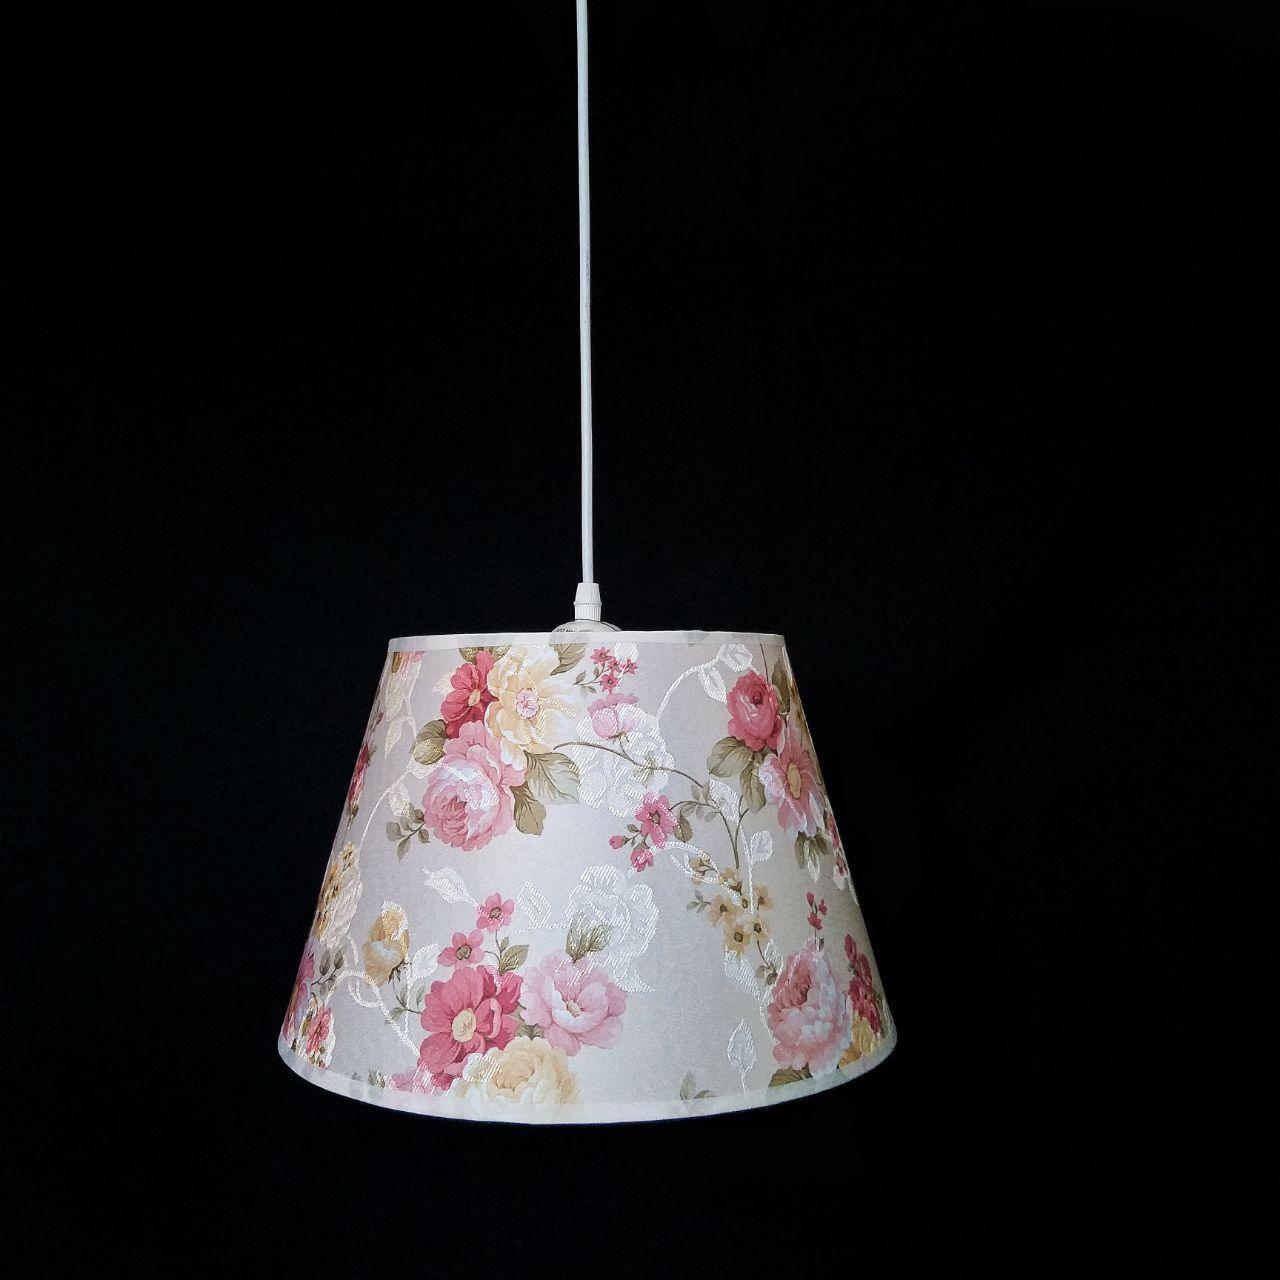 Люстра подвесная на 1 лампу цветочная 29-S320/1 WT+WT(1шт) E27 TK